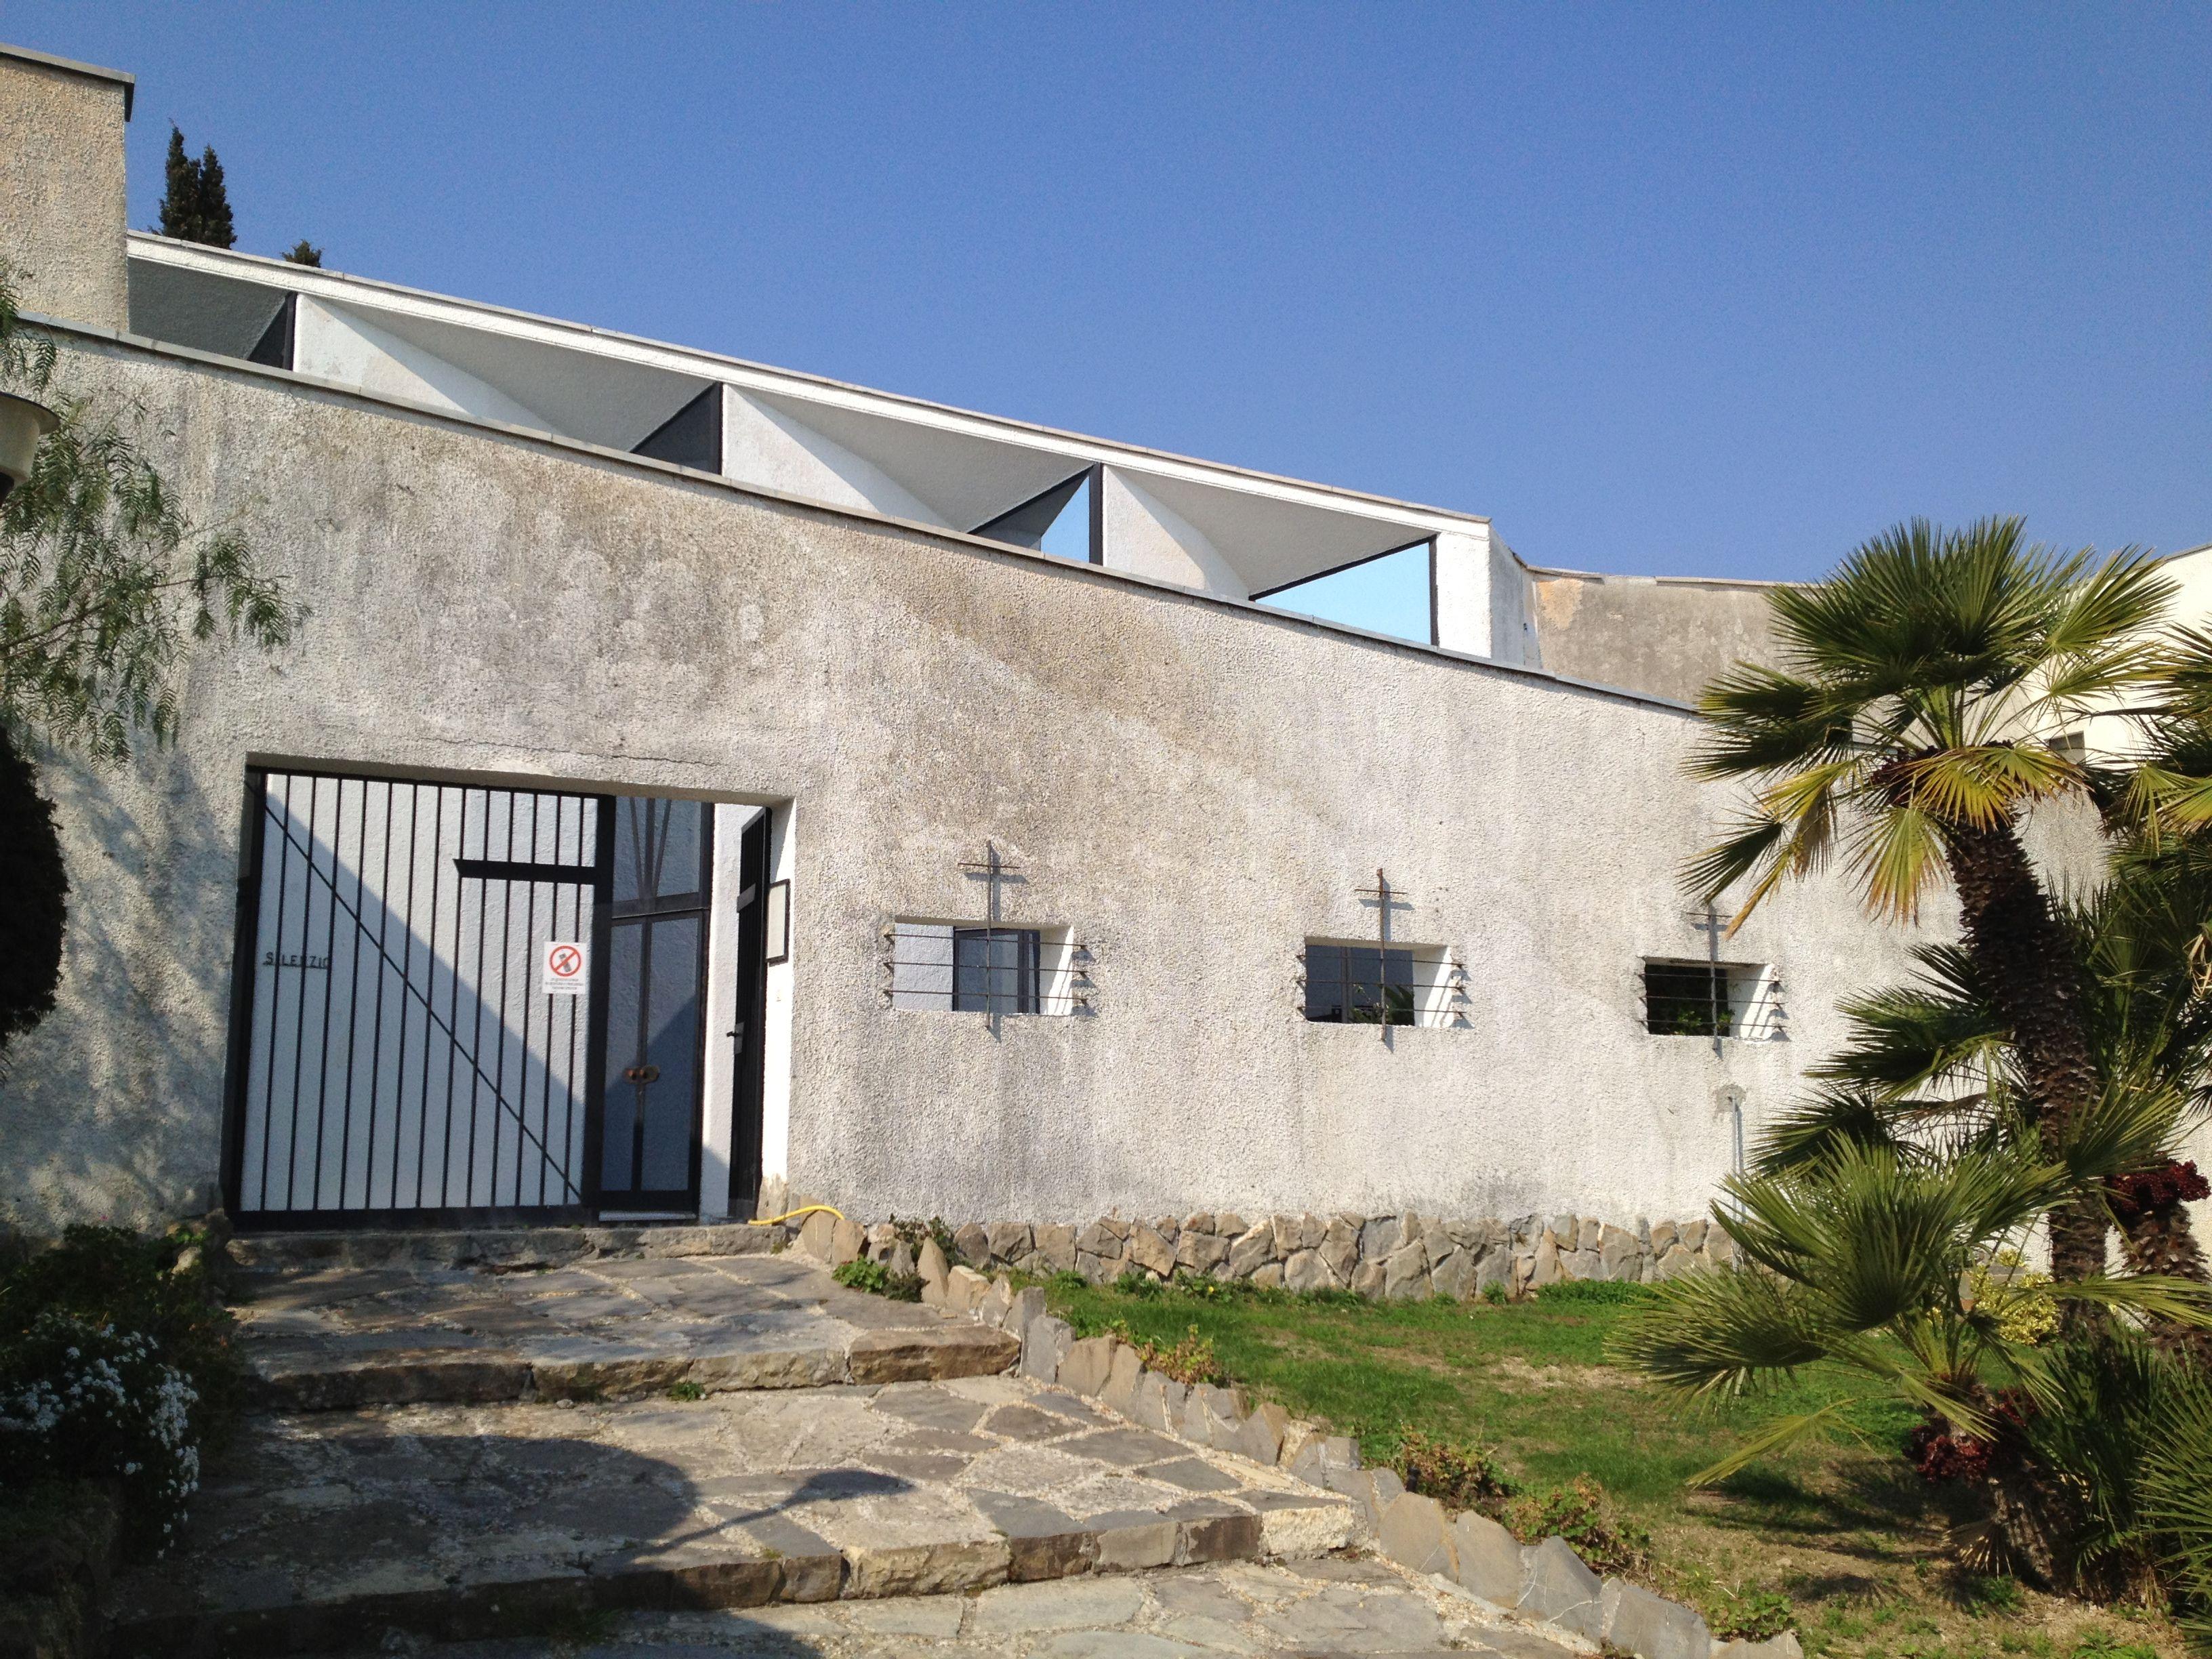 Monastero del Carmelo Sanremo IM Architetto Gio Ponti